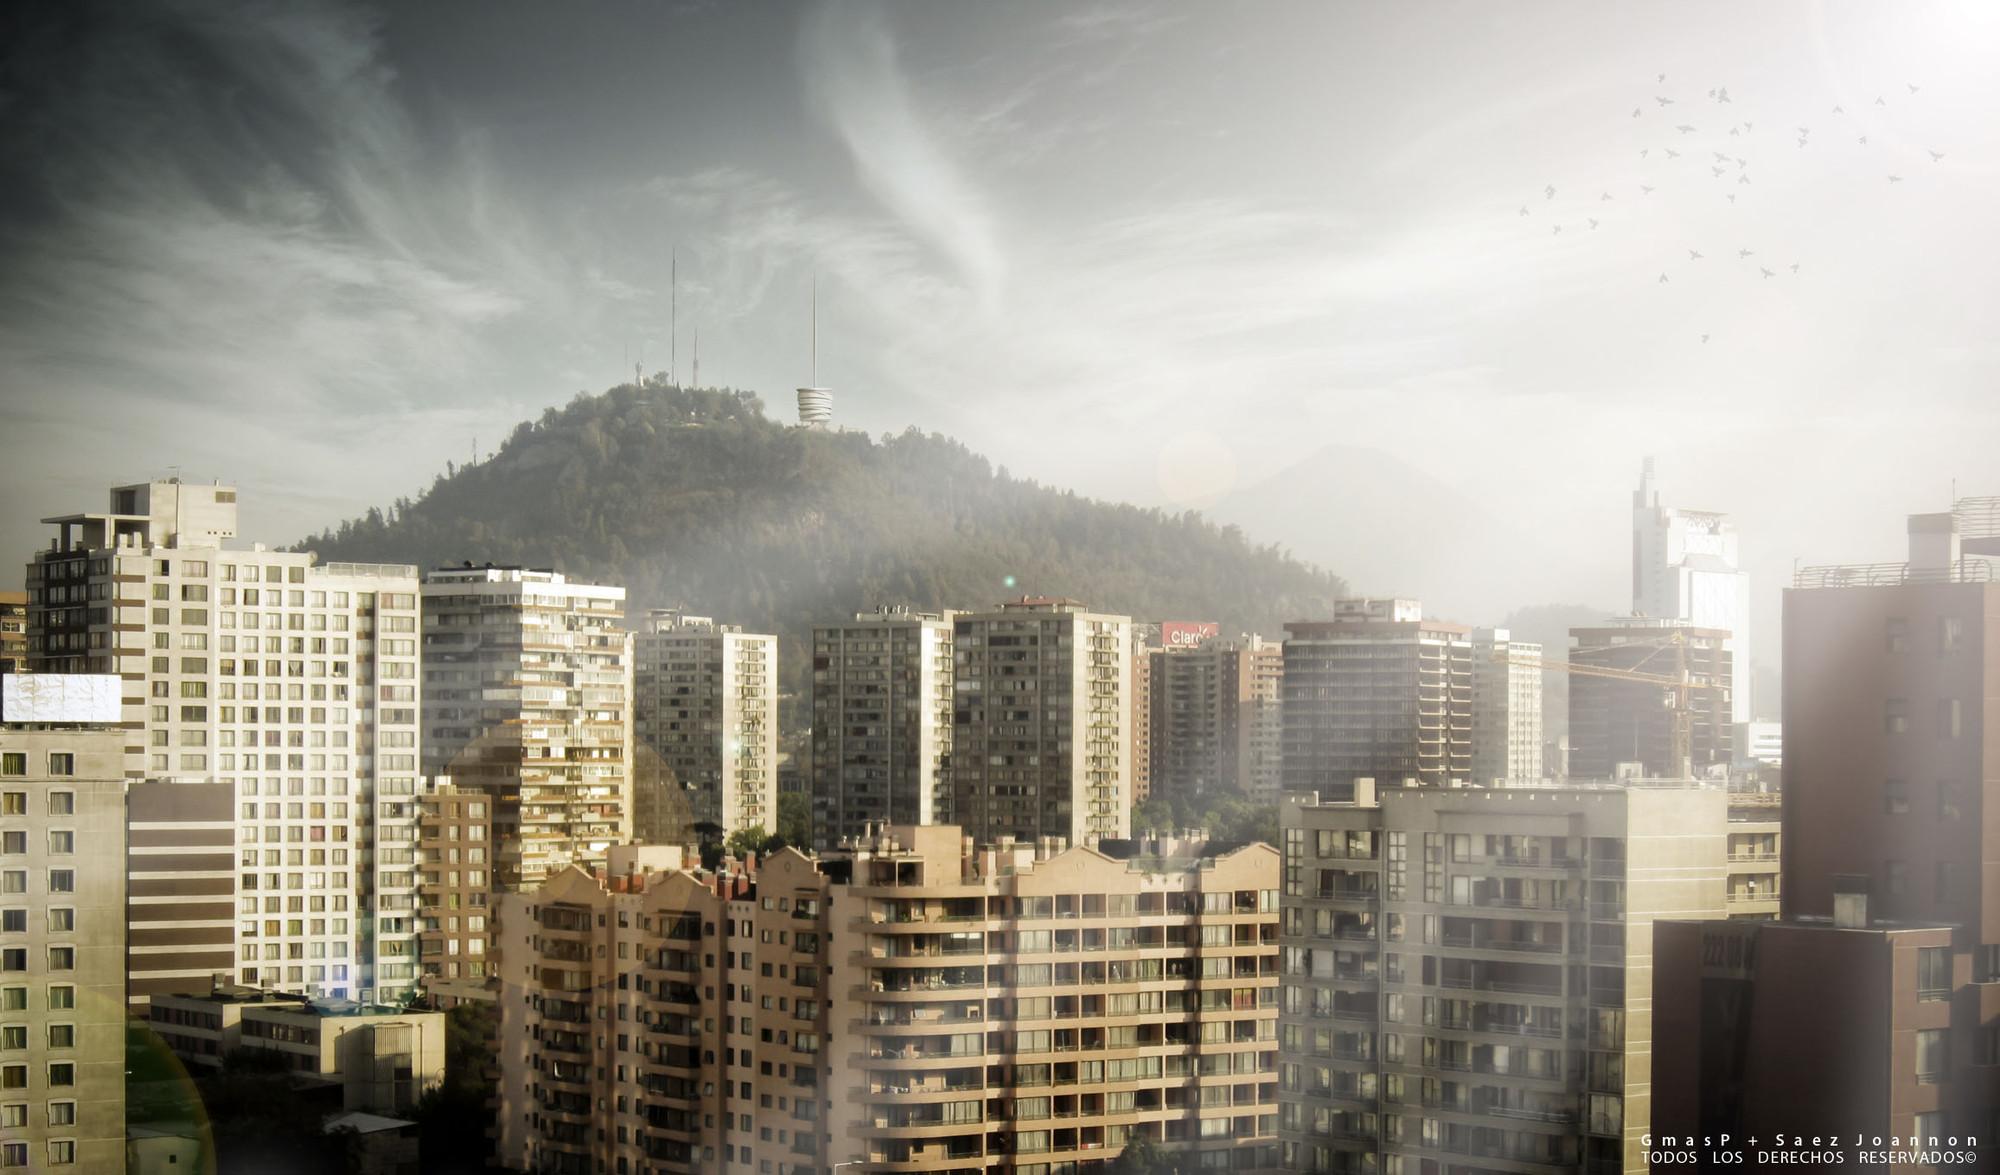 Courtesy of GmasP® Ingeniería y arquitectura+ Sáez Joannon